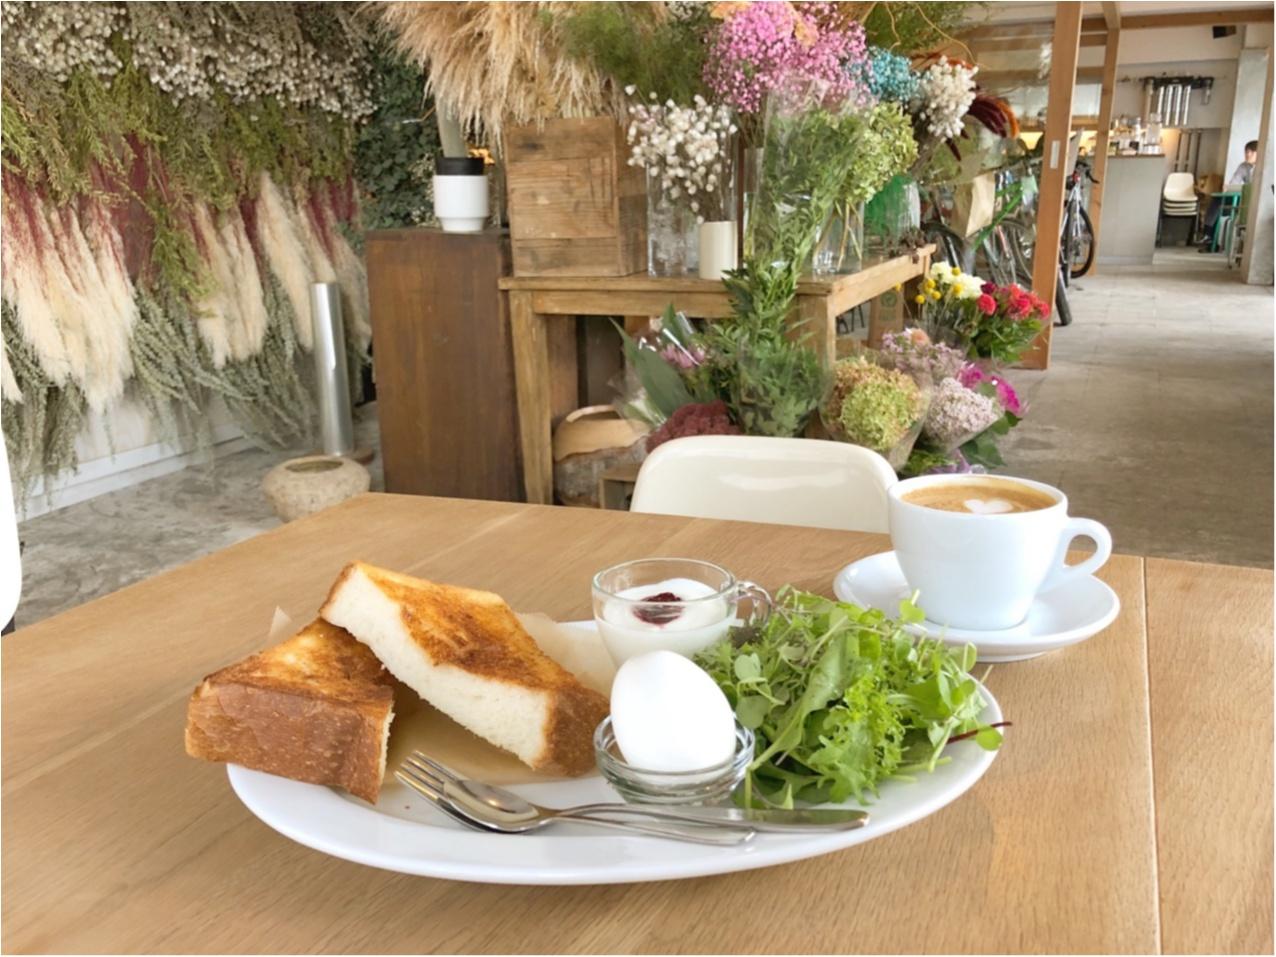 広島女子旅特集 2019 | 人気のお土産やグルメスポットは?_31